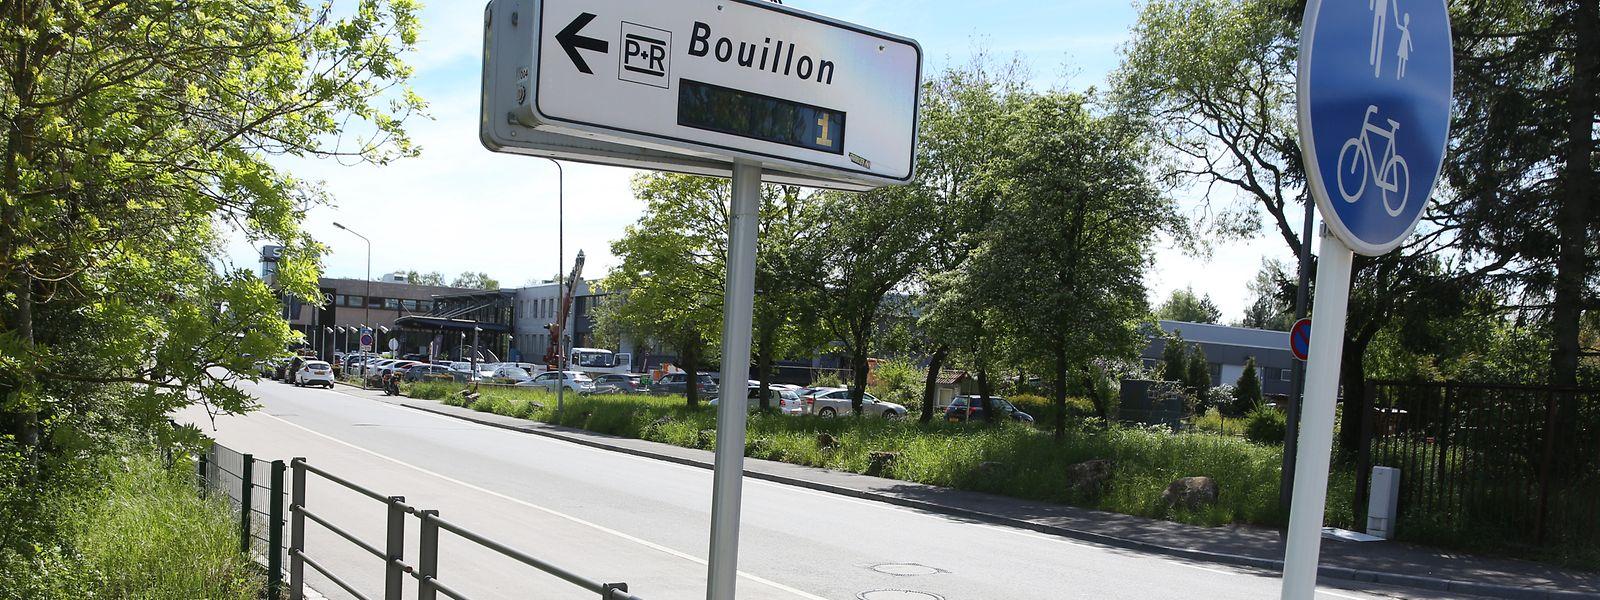 Zur mutmaßlichen Tat kam es auf dem P&R-Parkplatz in Hollerich.